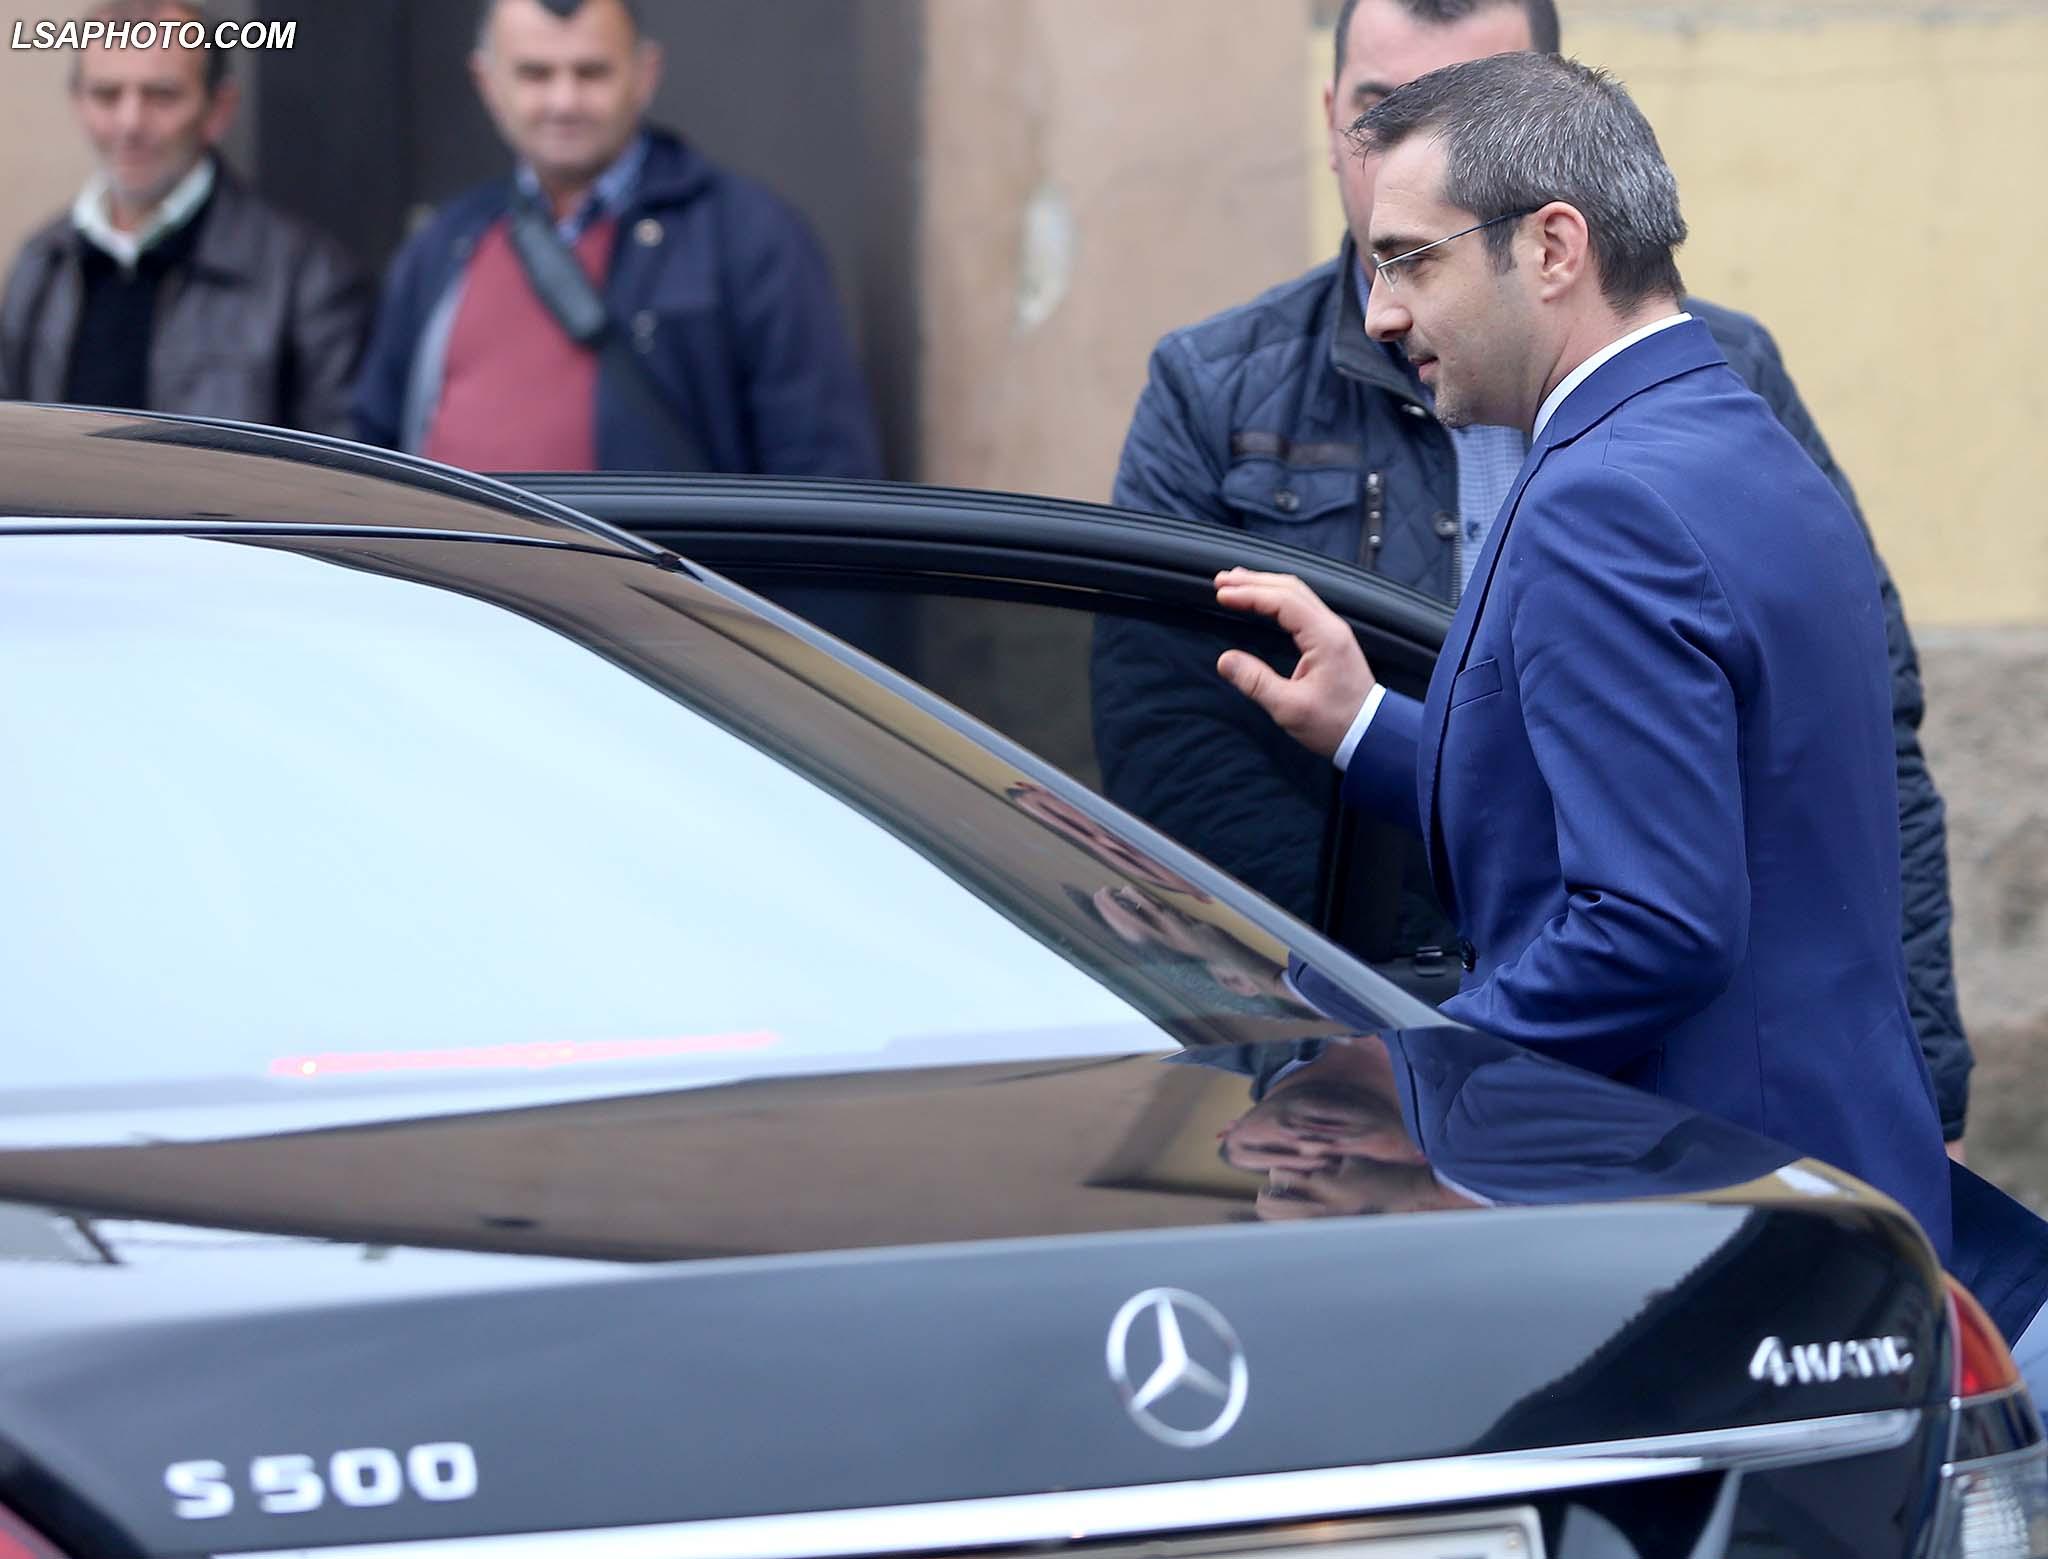 prokuroria-kerkon-arrestimin-e-tahirit-pas-dy-dokumenteve-sekrete-qe-mori-nga-italia